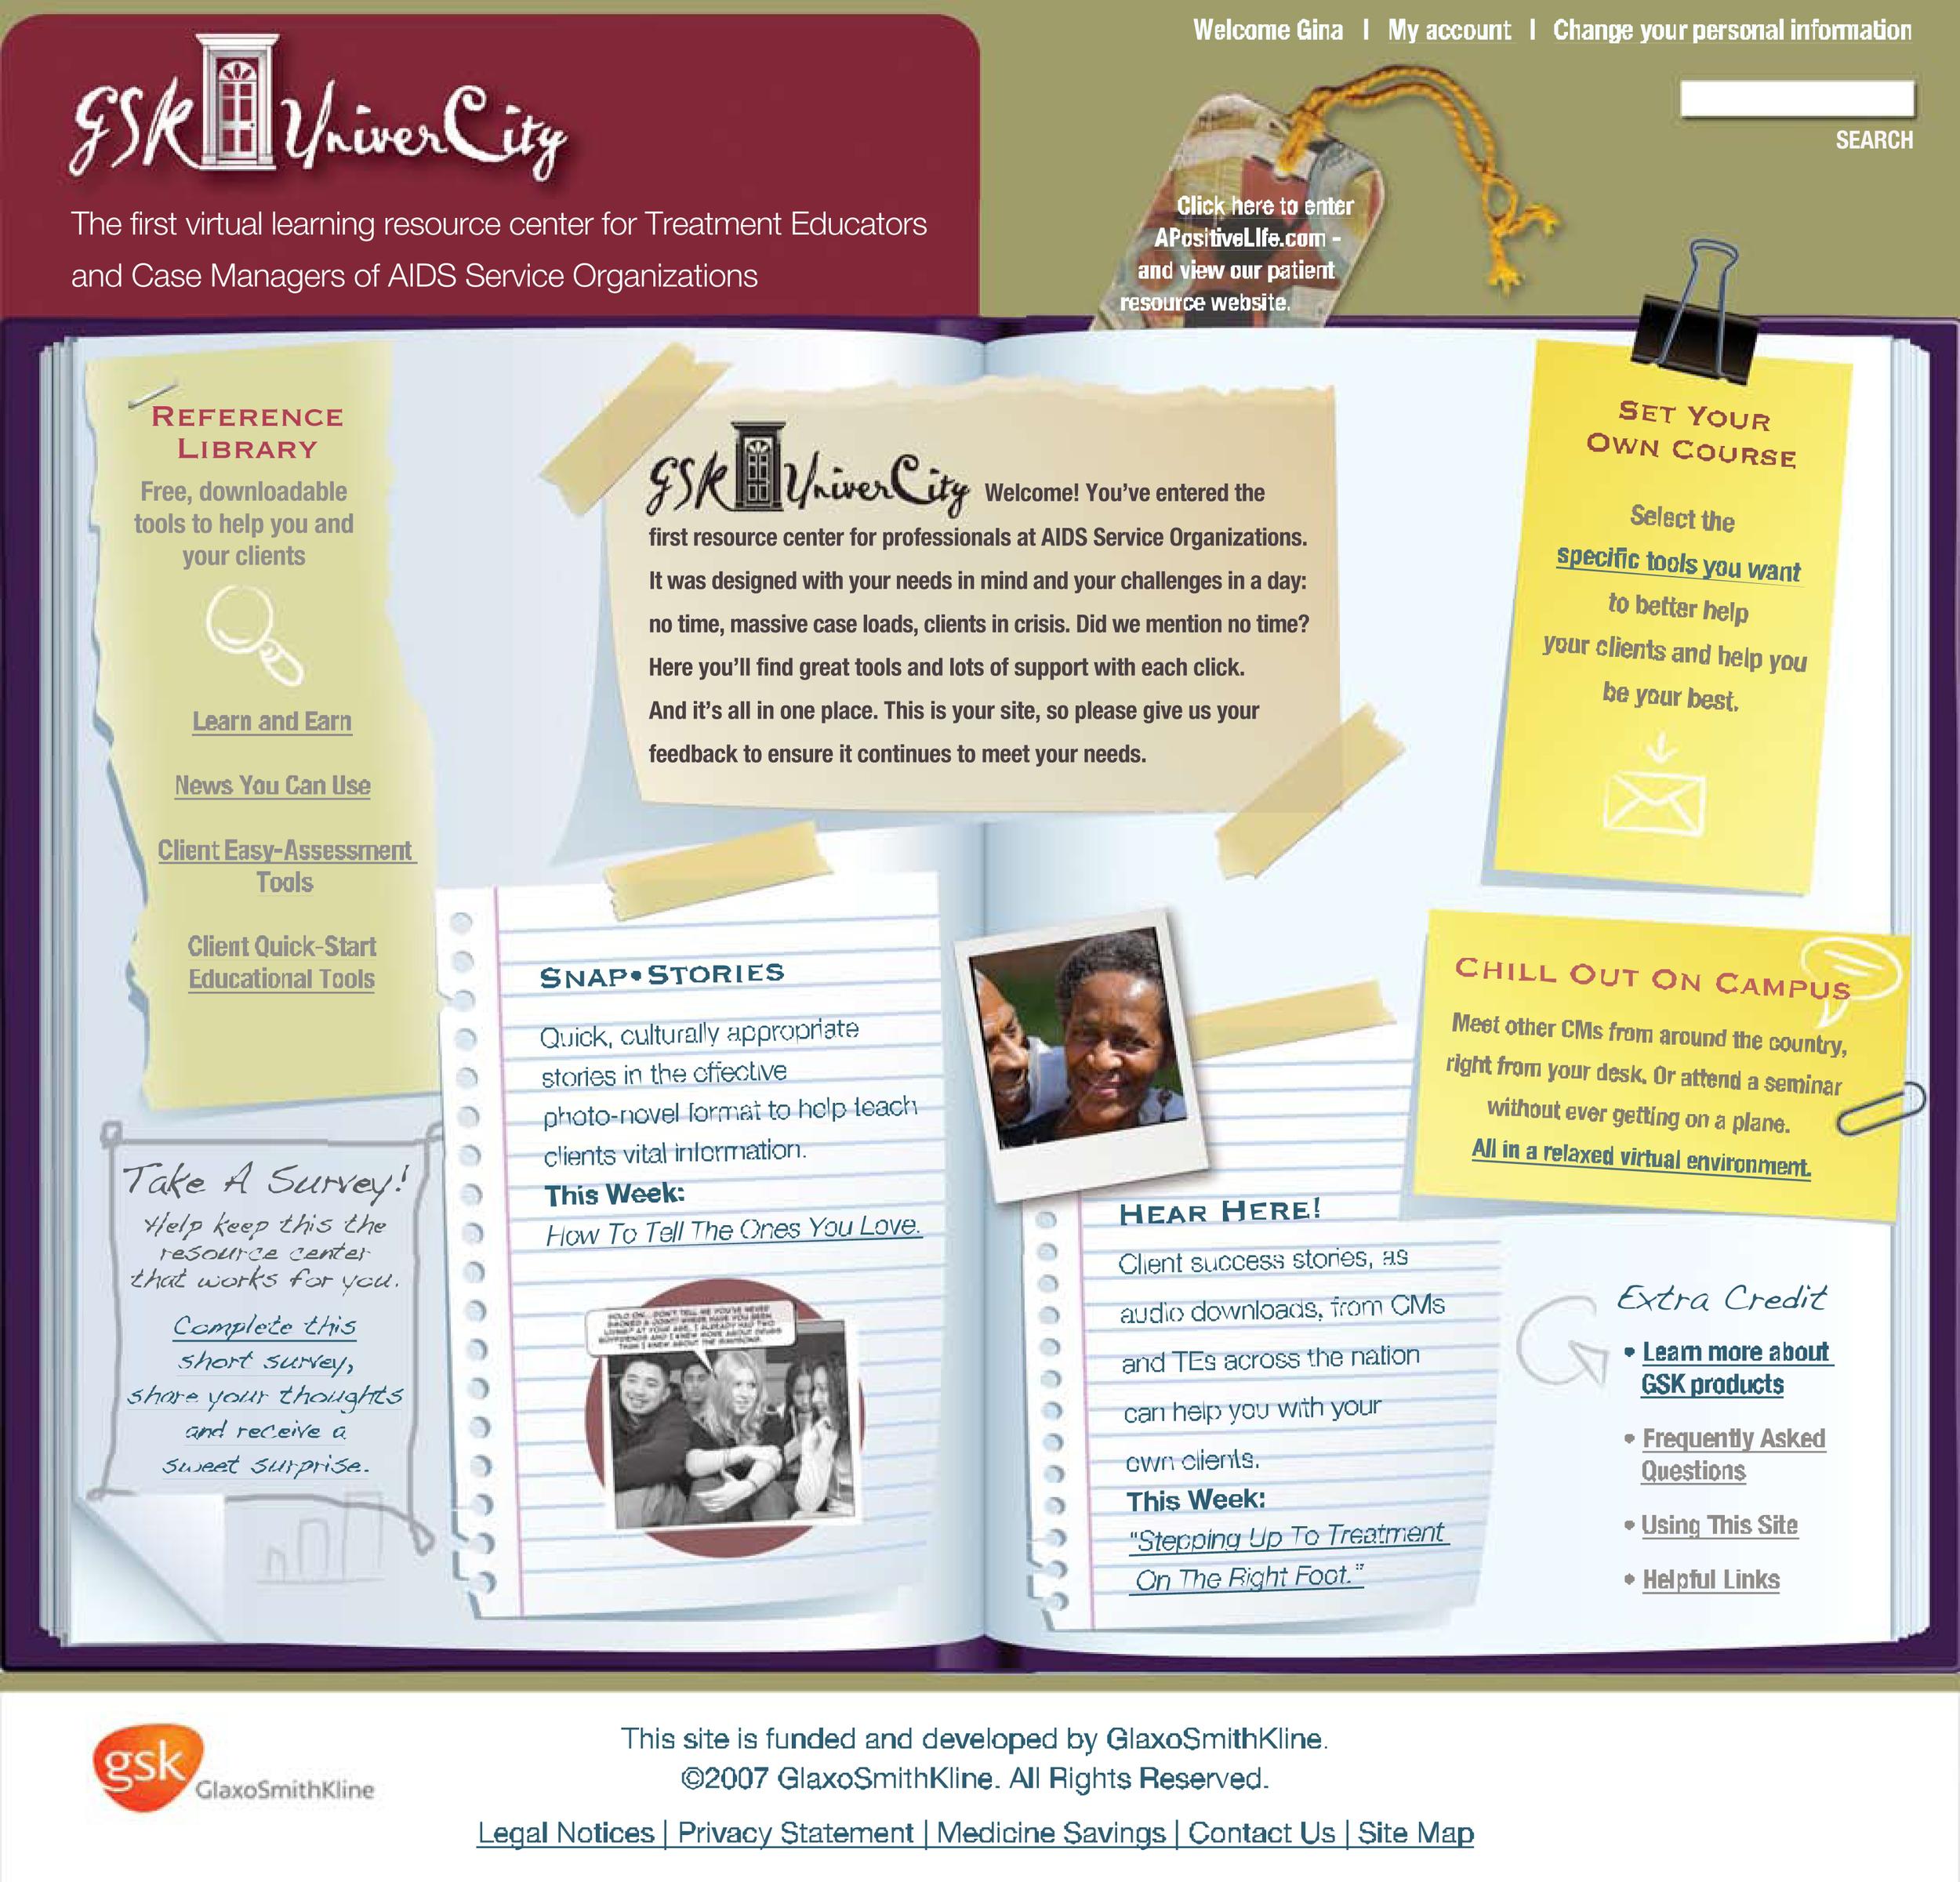 GSK UniverCity Website Design